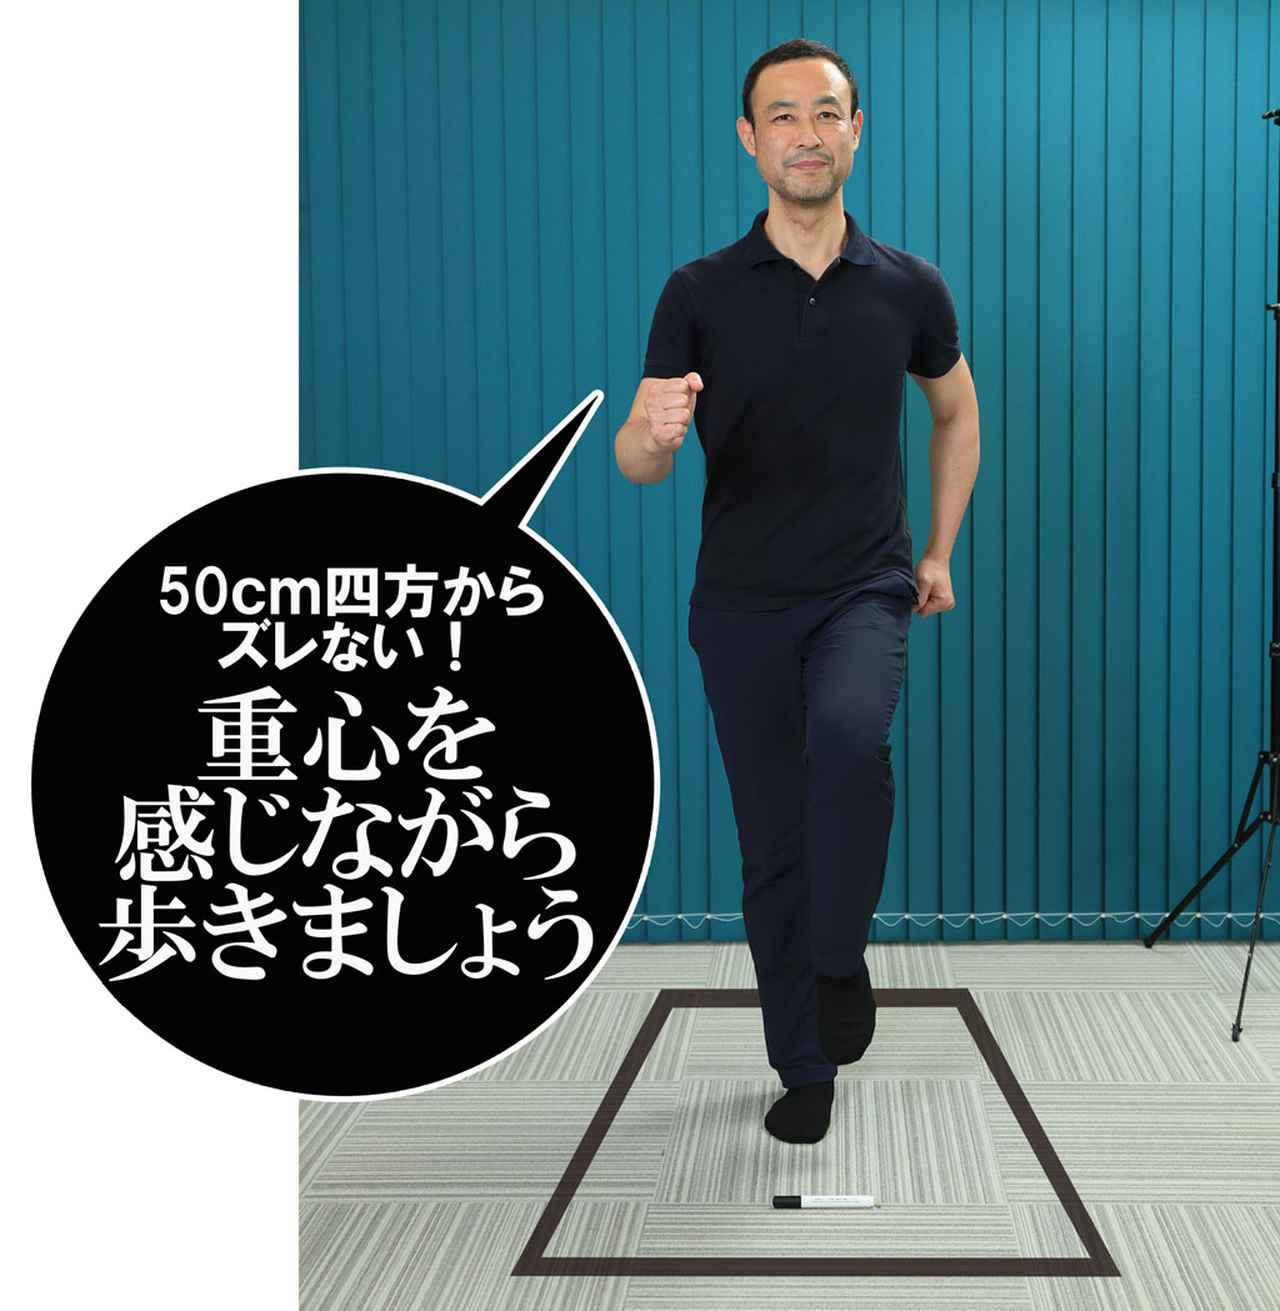 画像: 床の模様を目安にしたりペンなど置いて歩いてみよう。「足元は見ずに重心を感じること。体重が小指側や親指側、かかと寄り、指先寄りになっていると気づくはず。自分のクセもわかります」